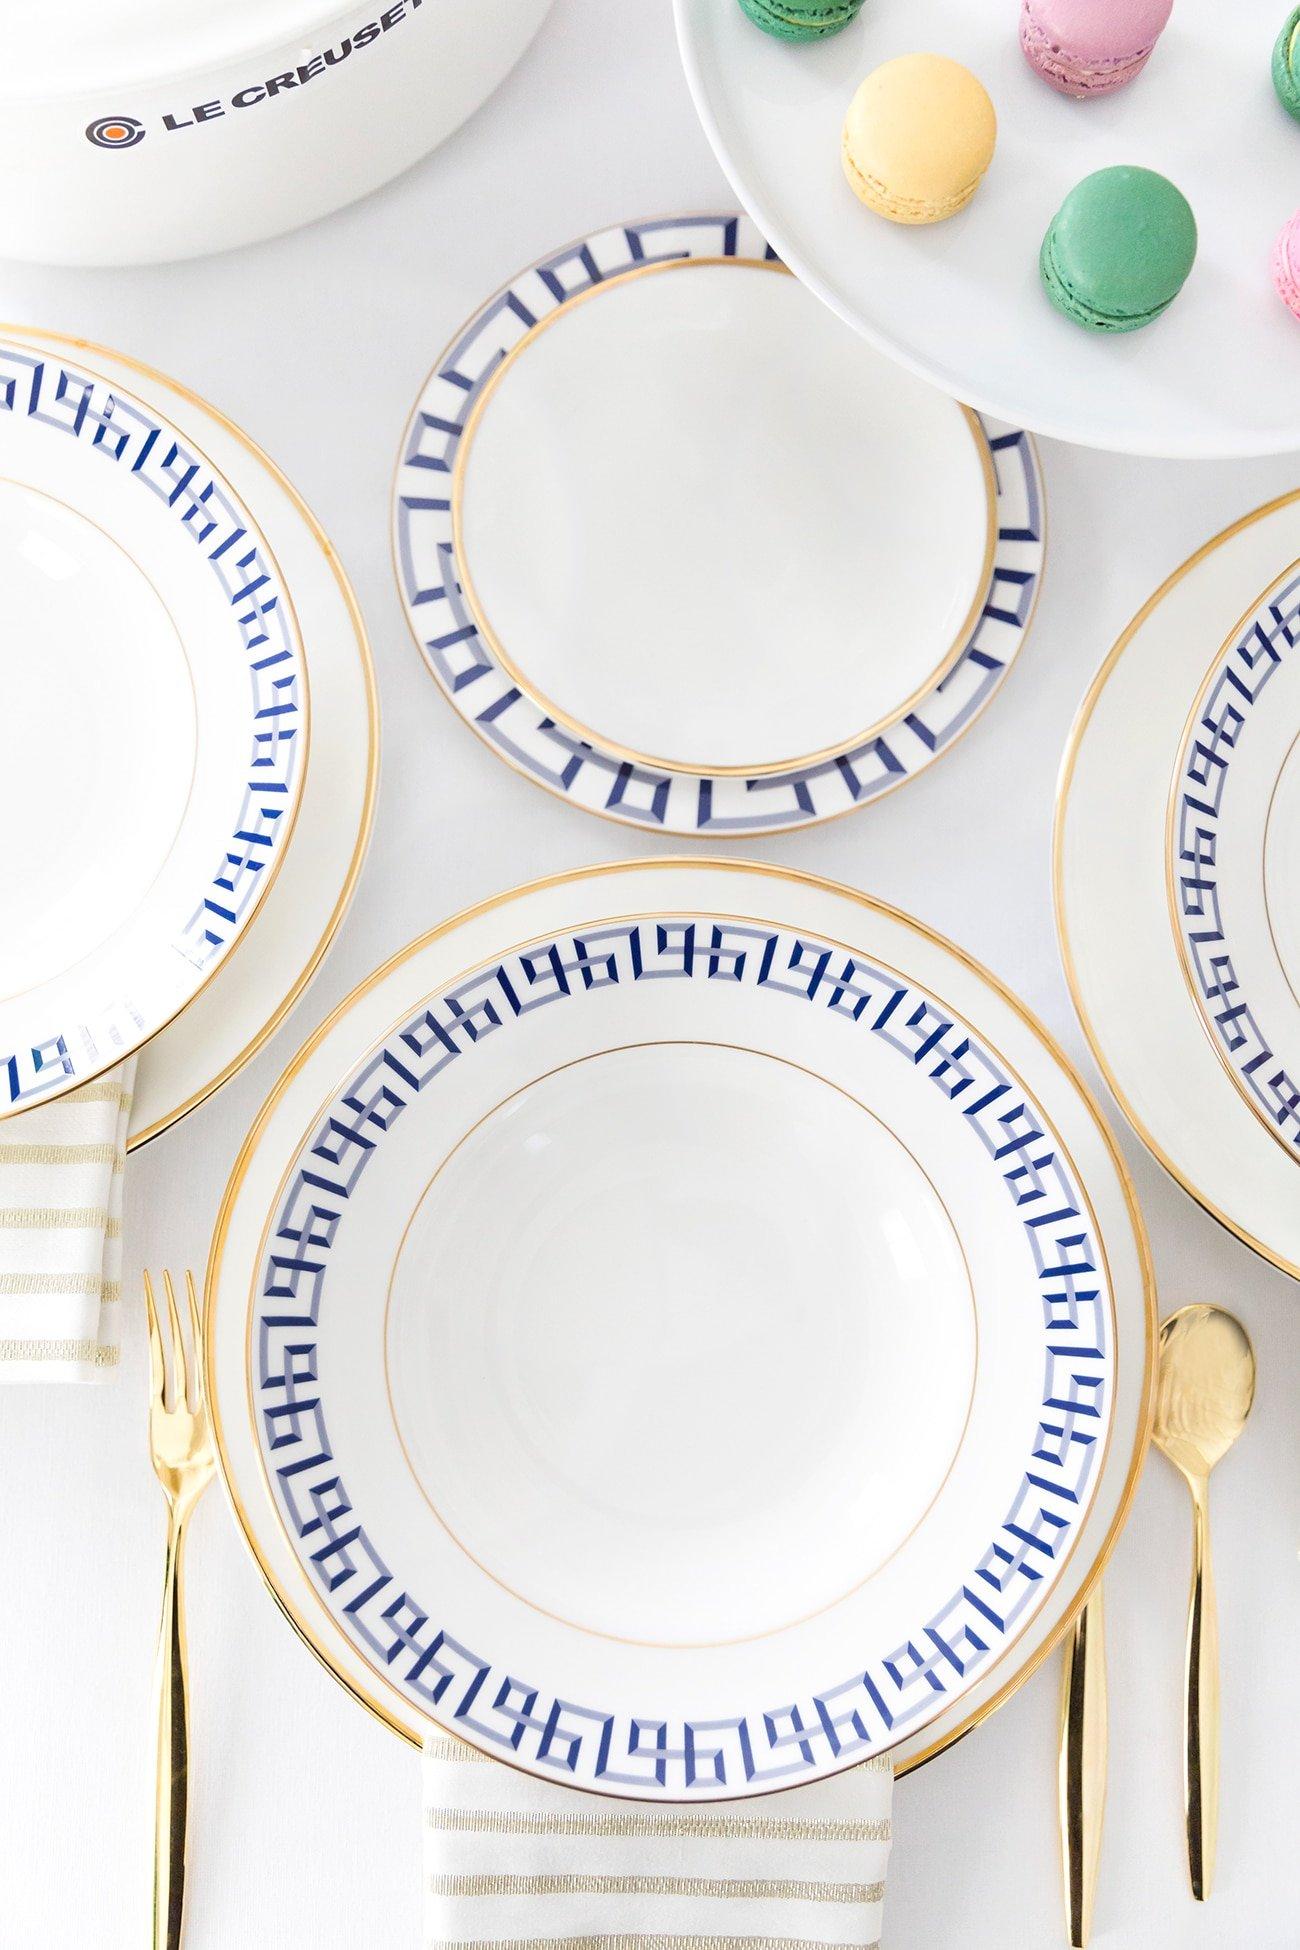 Wedding Registry Must-Haves, Top dinnerware for registry must-haves!